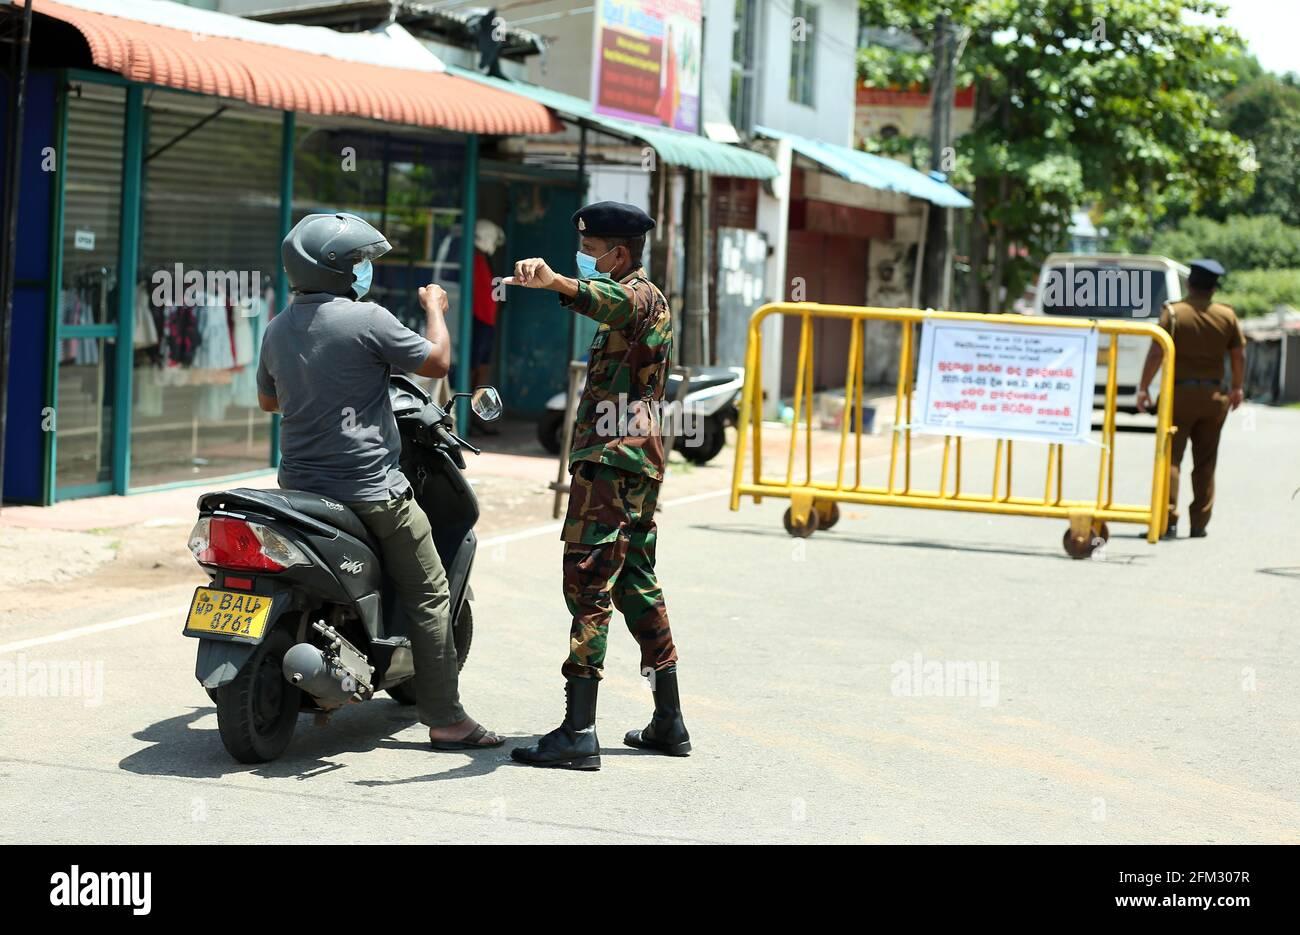 Colombo, Sri Lanka. 5 mai 2021. Un membre de l'armée parle à un homme à côté de barricades établies à Maharagama, alors que les autorités sanitaires ont déclaré la zone à isoler, à Colombo, au Sri Lanka, le 5 mai 2021. Le nombre total de patients infectés par le COVID-19 au Sri Lanka a dépassé la barre des 115,000 mercredi après que plus de 1,800 nouveaux patients ont été identifiés un jour plus tôt, ont montré les statistiques du ministère de la Santé. Crédit: Ajith Perera/Xinhua/Alamy Live News Banque D'Images